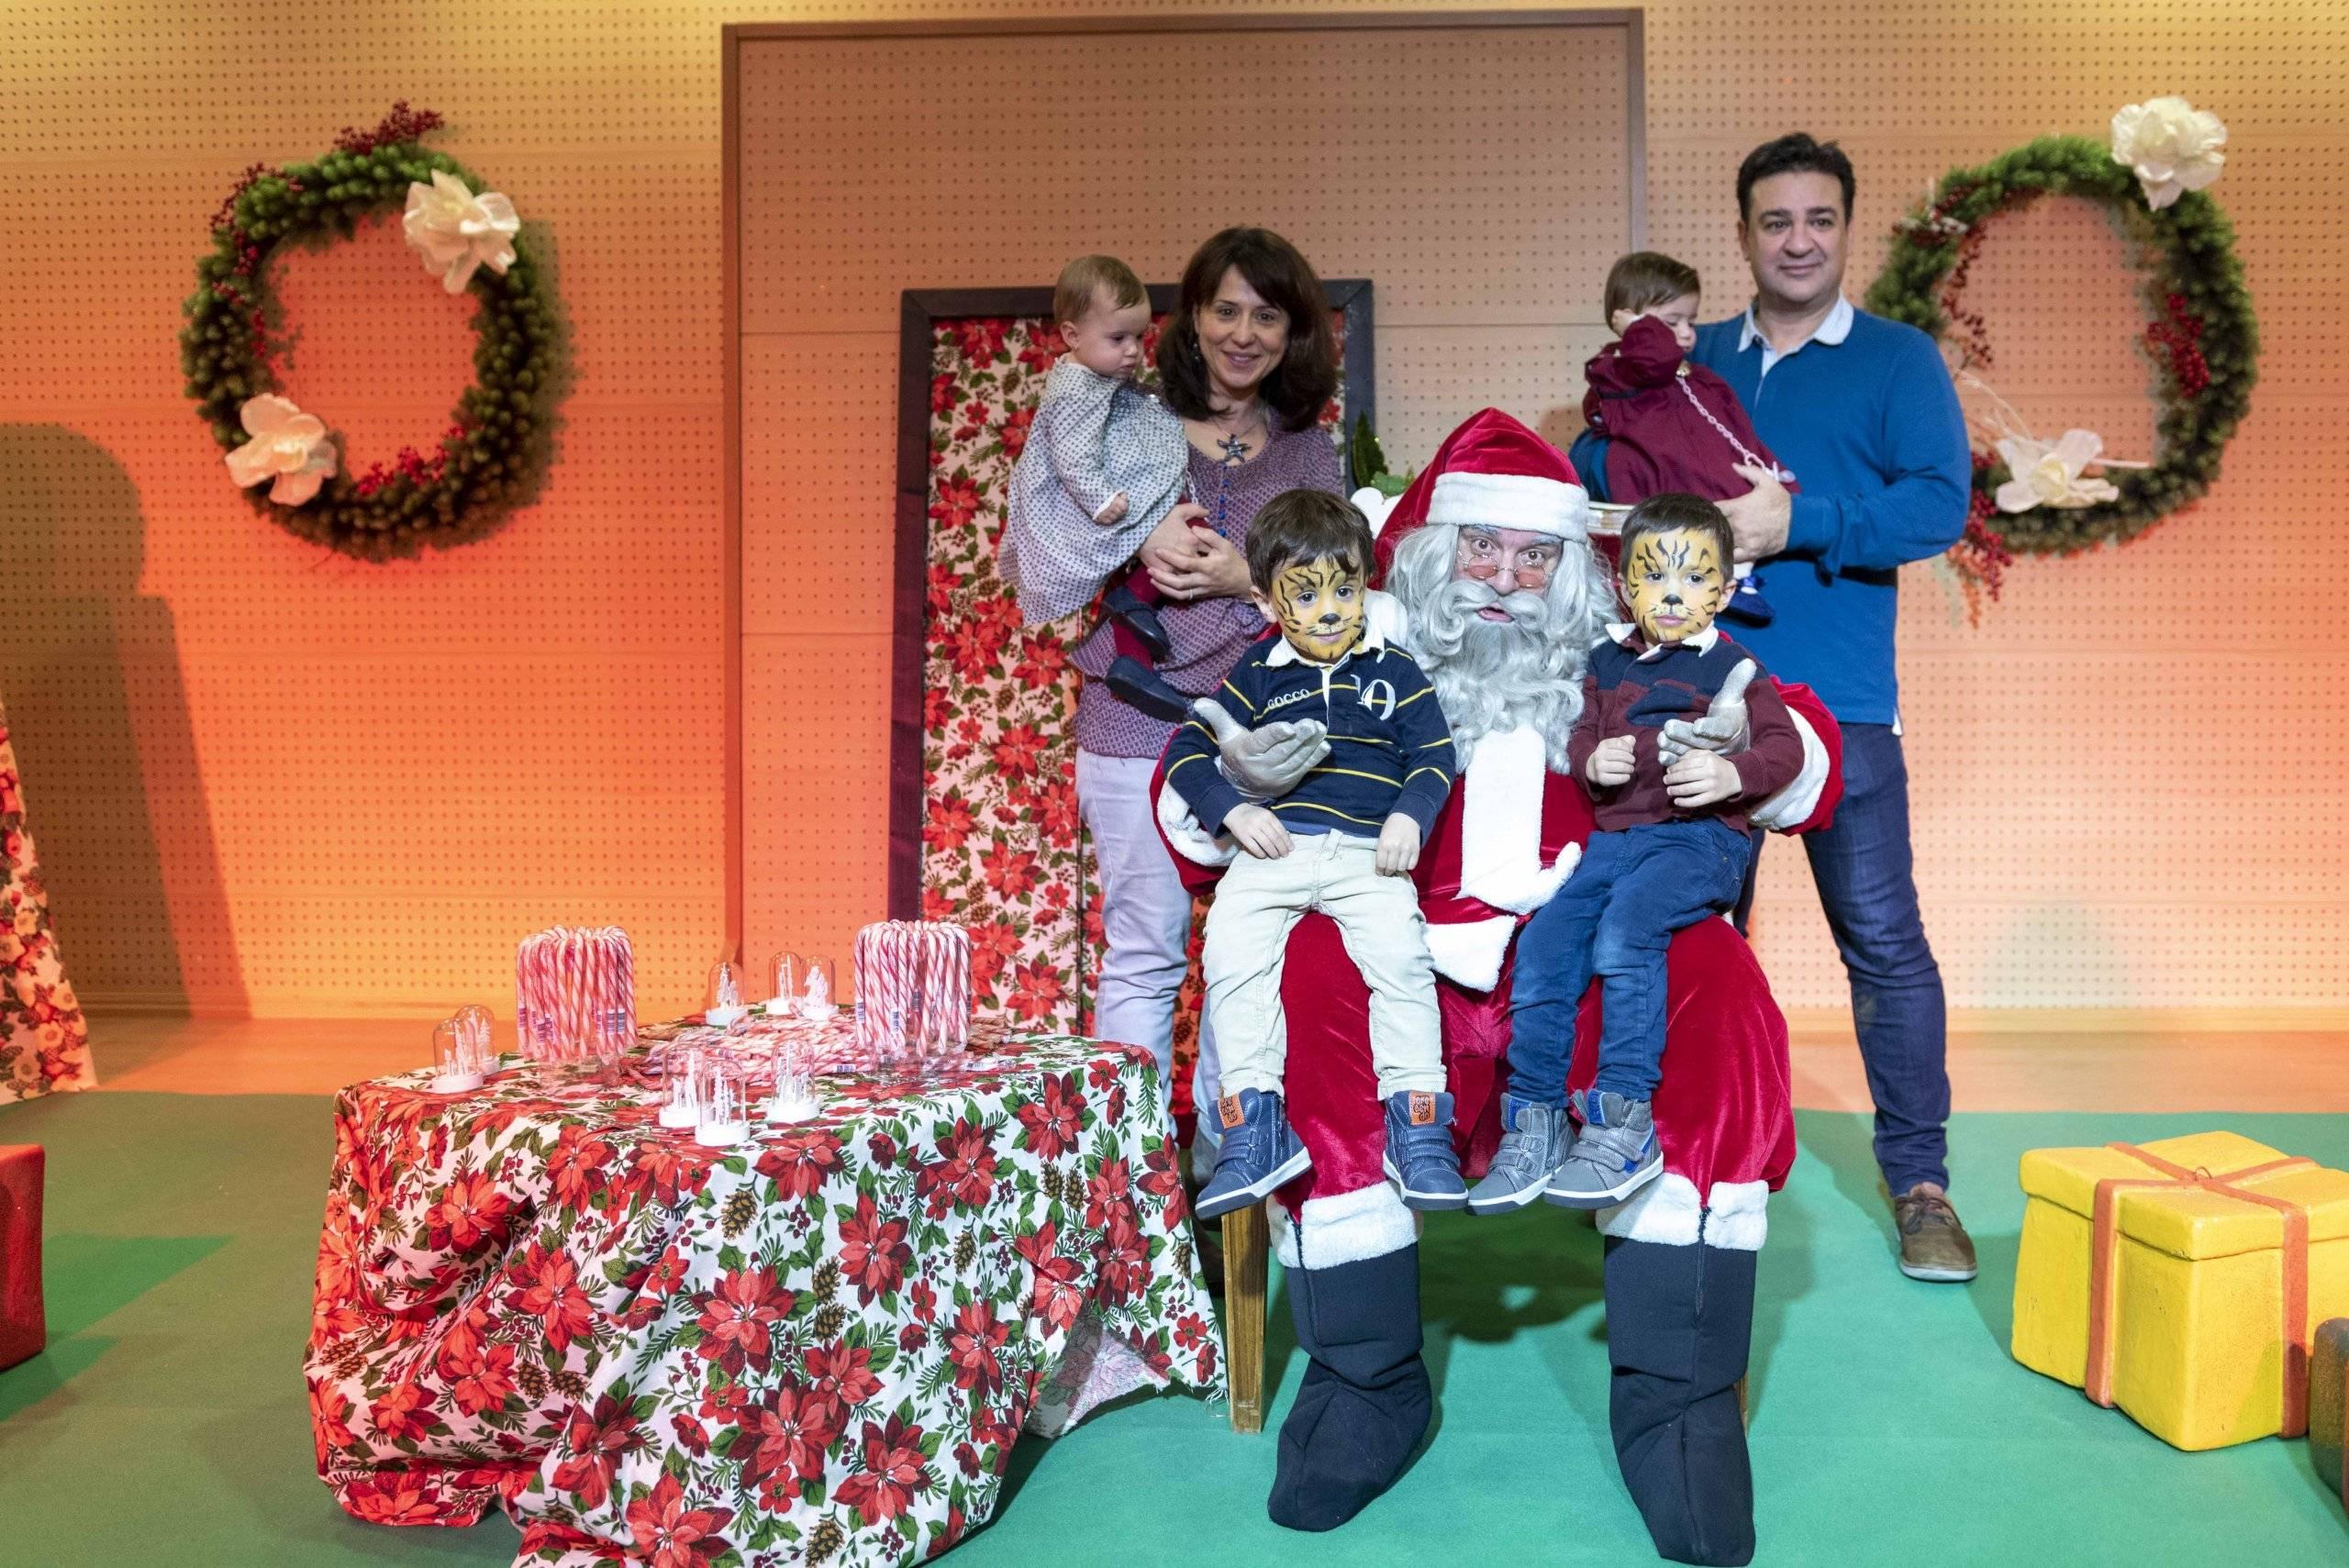 Participantes en la jornada junto a Papá Noel.